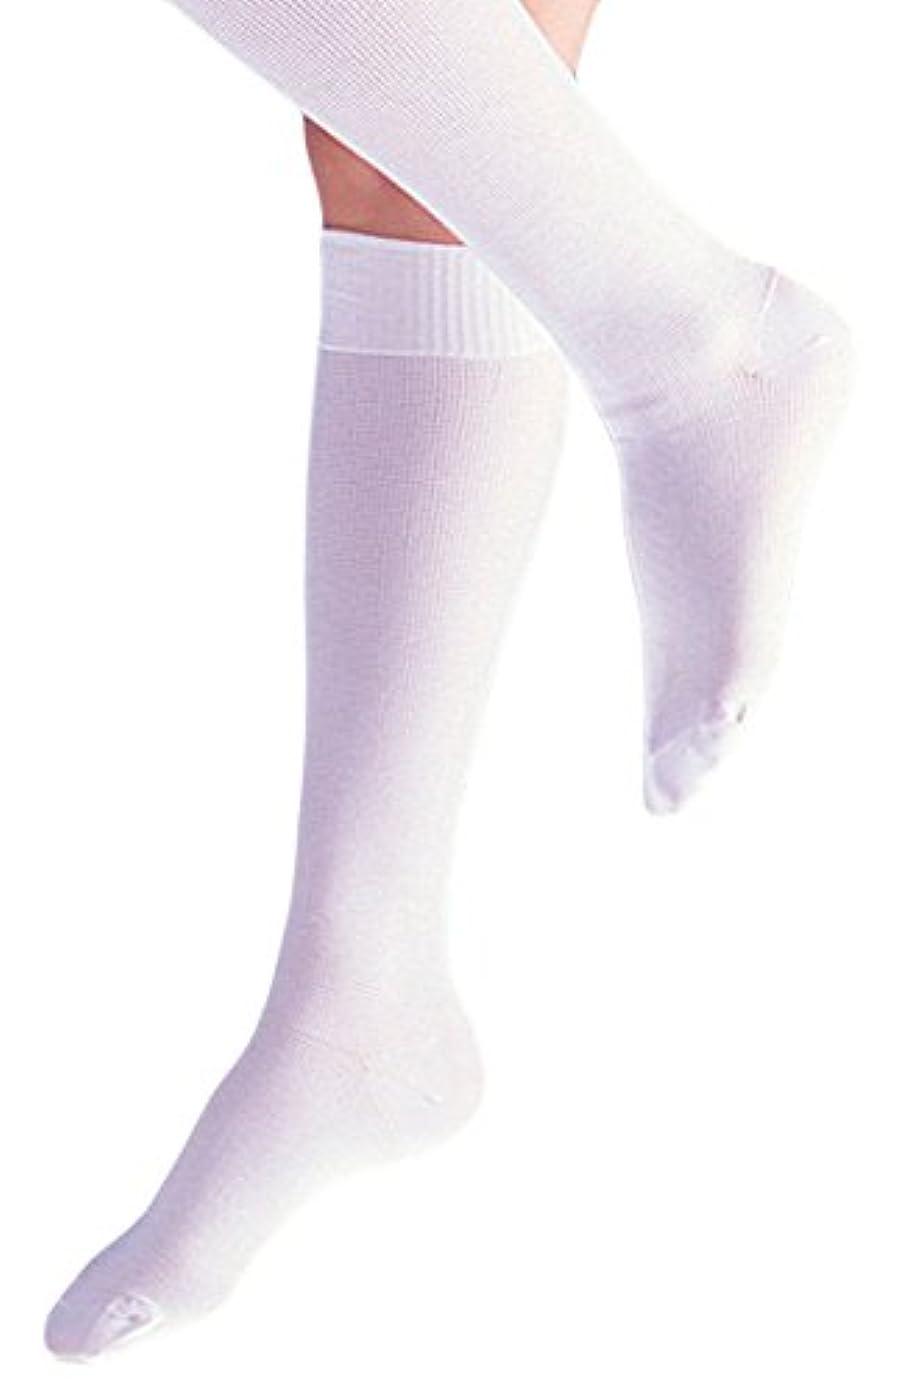 夢油統計的ソフラヘルサー L 白 036210 着圧靴下 竹虎メディカル